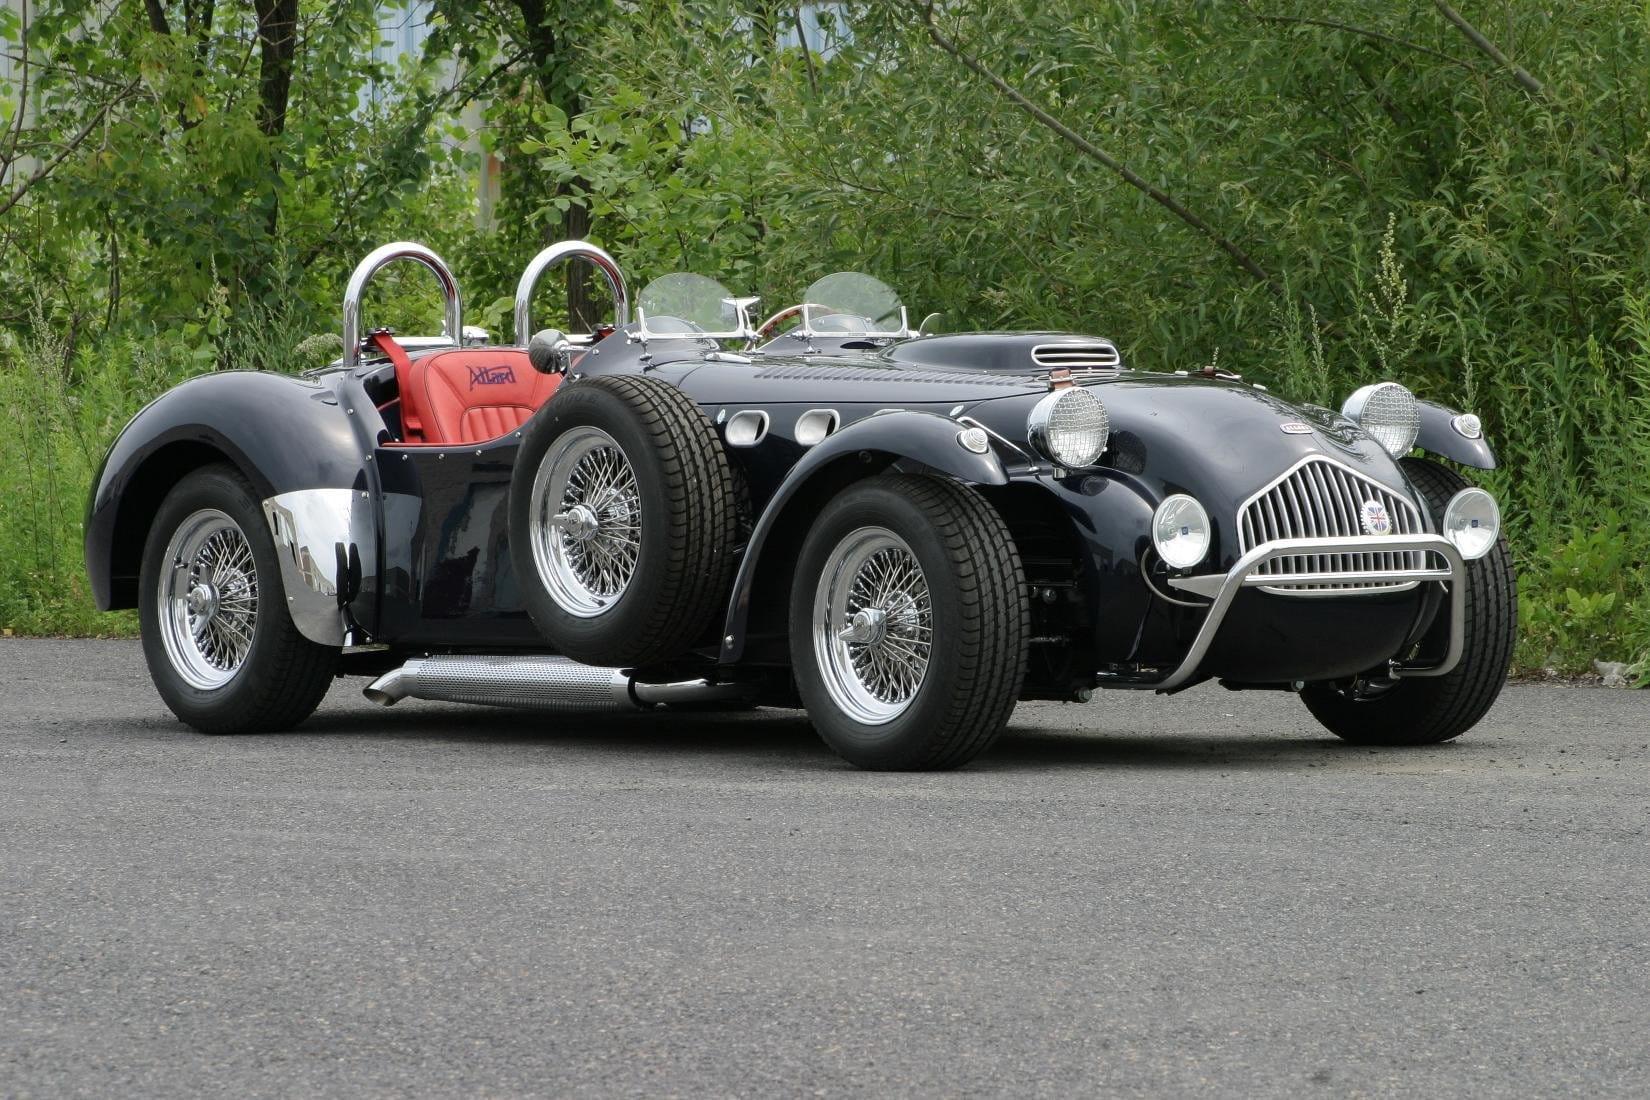 Allard j2x un descapotable deportivo de los a os - Los anos cincuenta ...